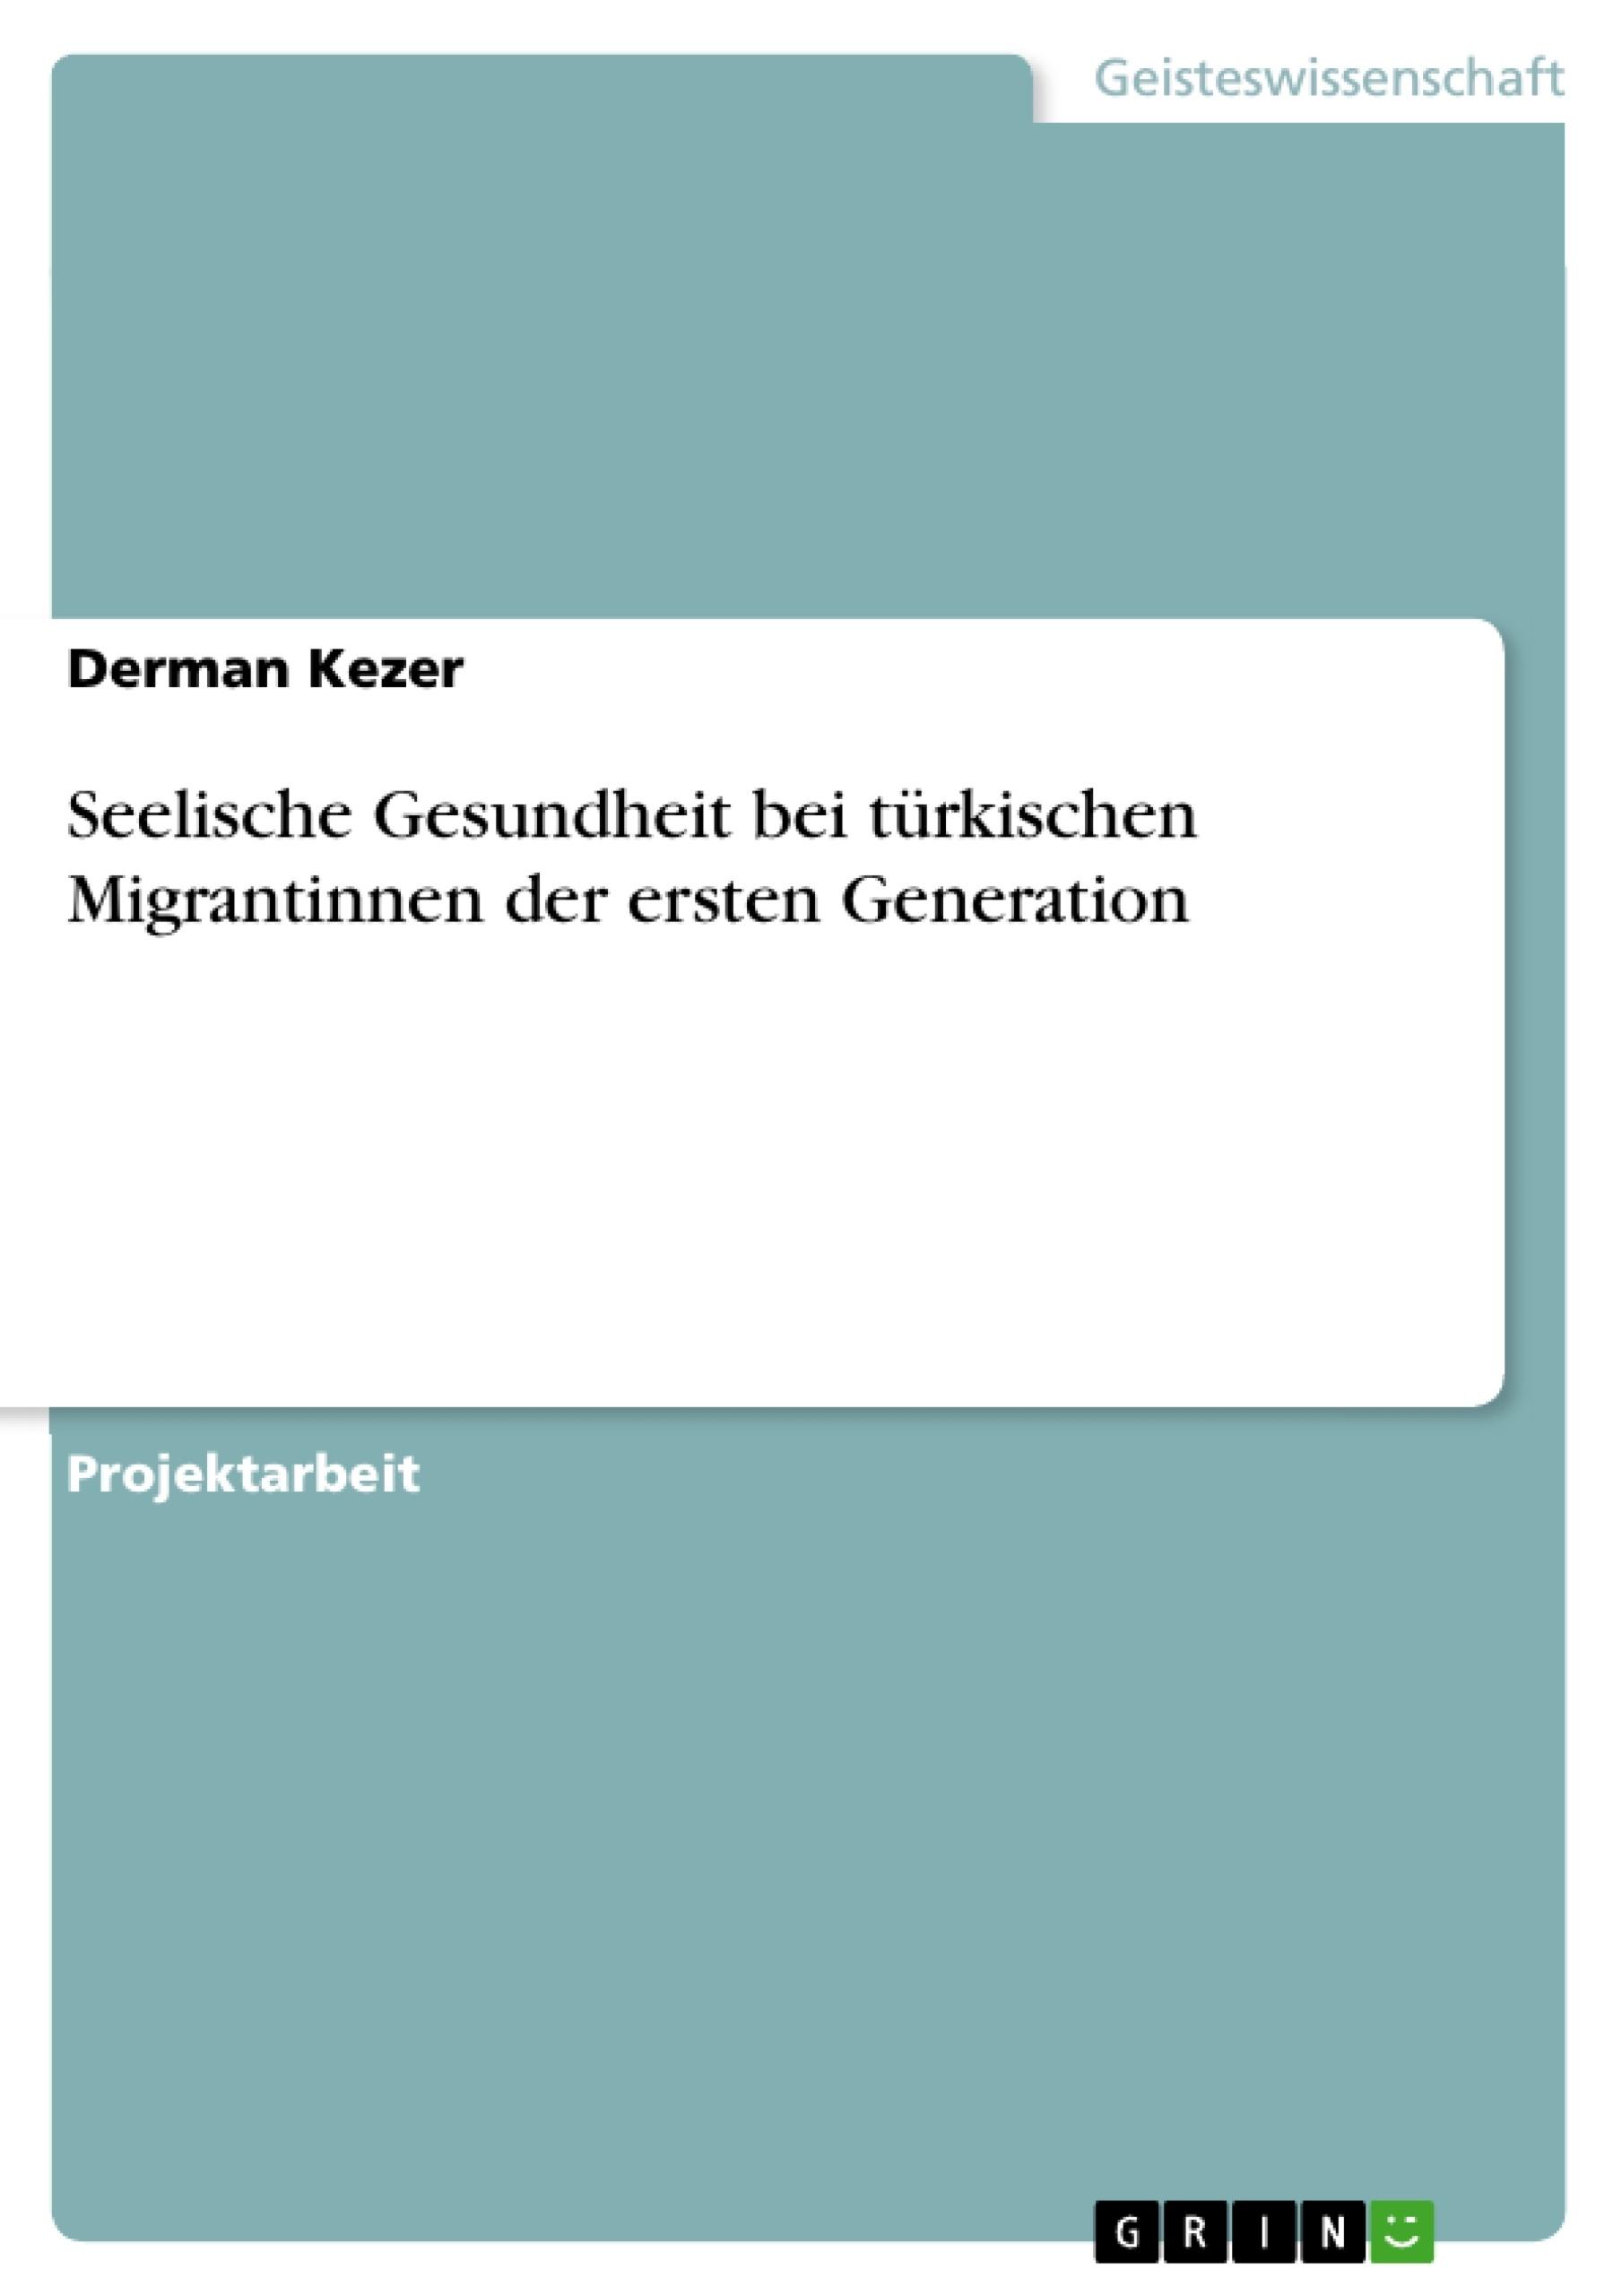 Titel: Seelische Gesundheit bei türkischen Migrantinnen der ersten Generation